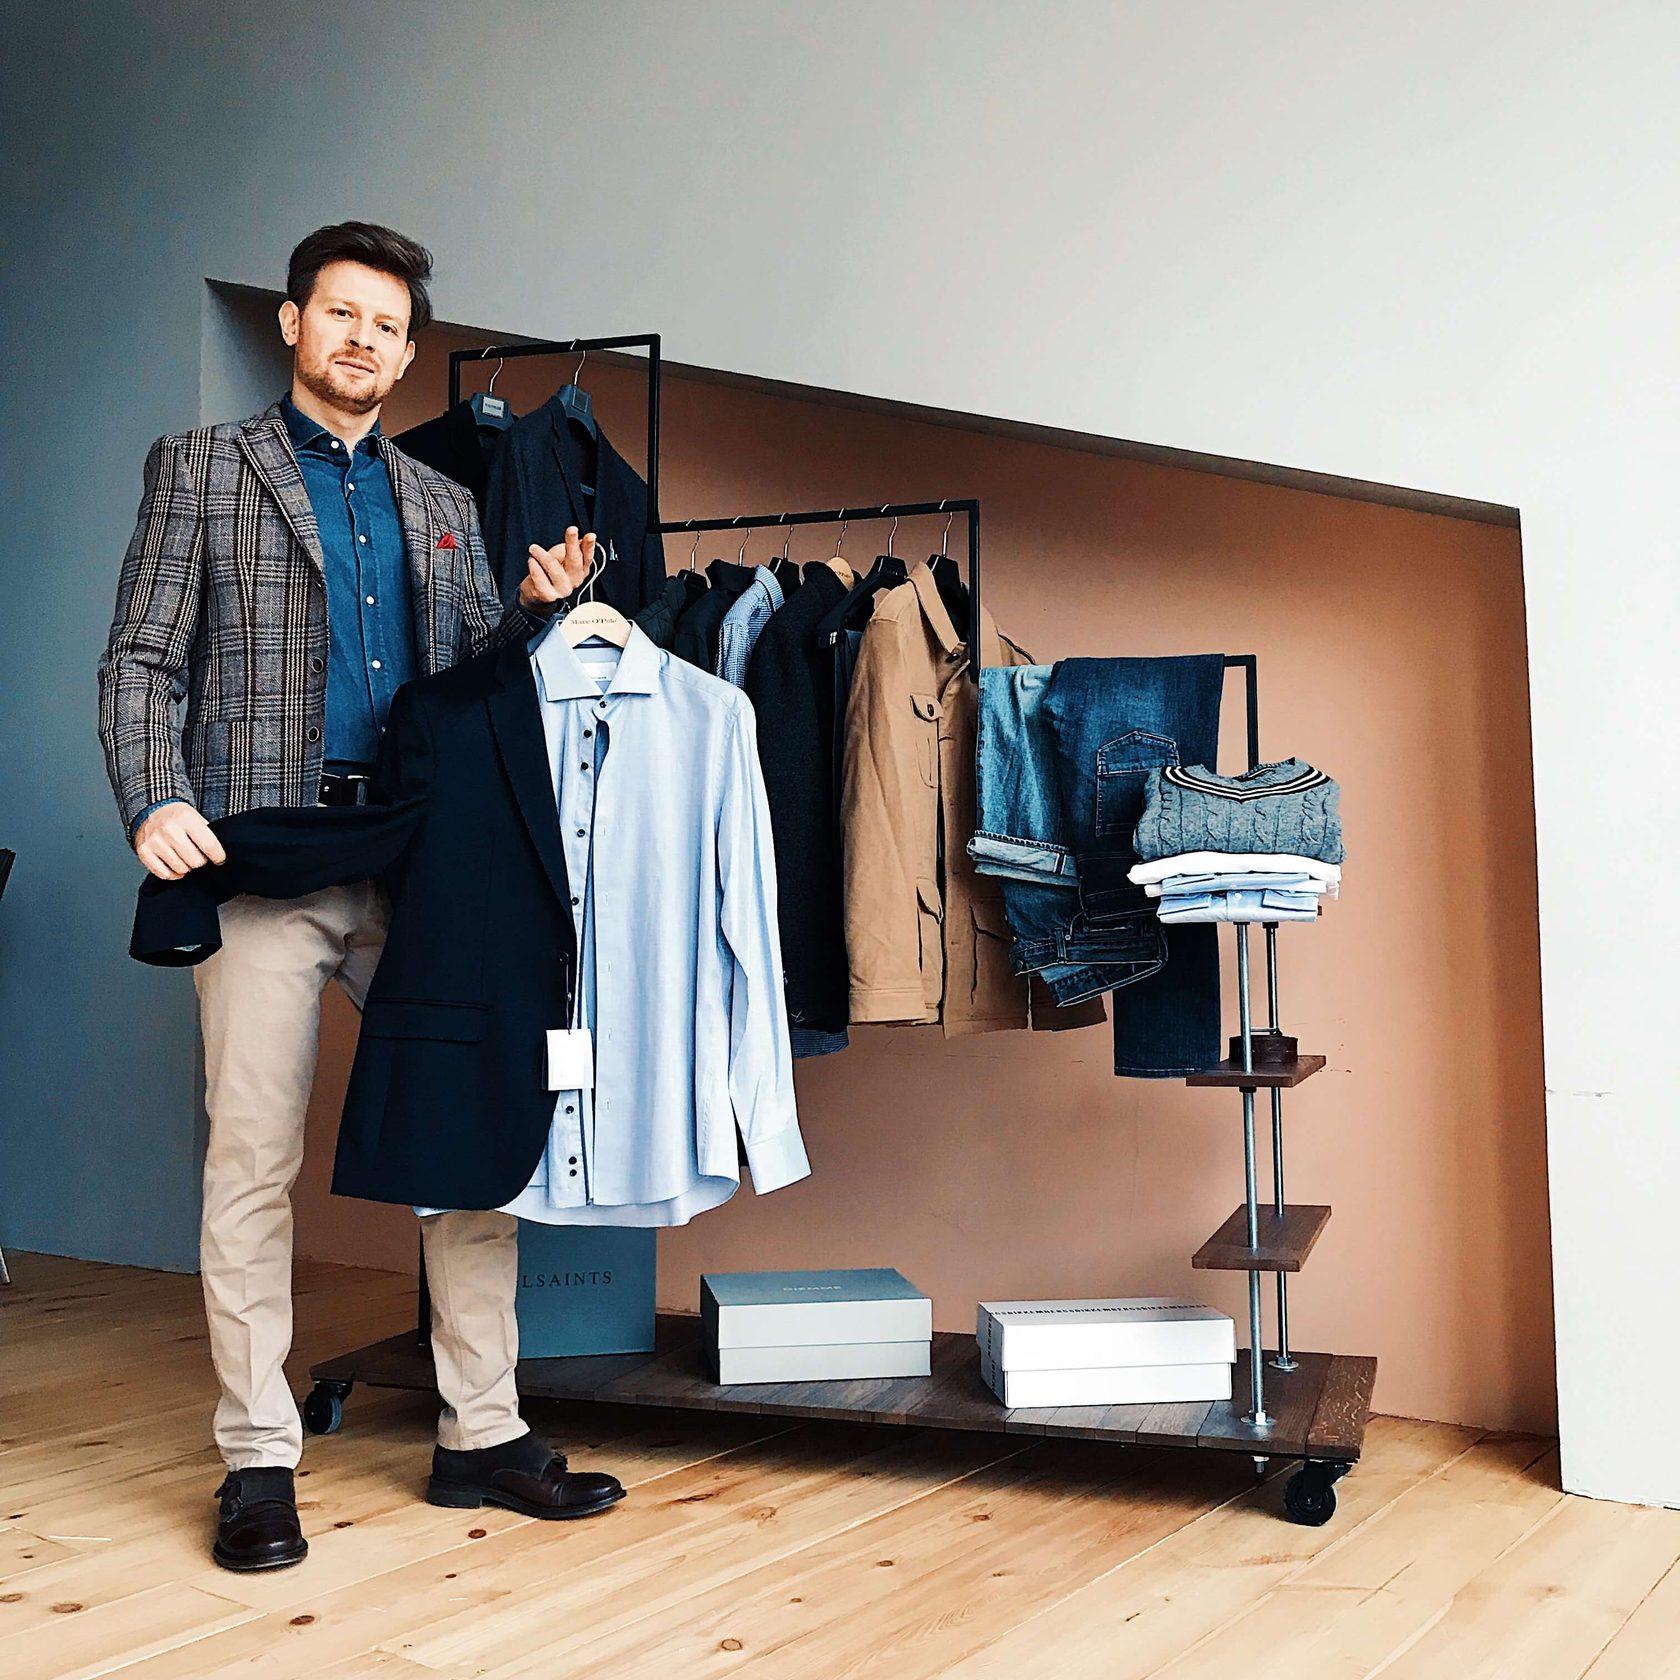 Базовый мужской гардероб на все случаи | men's outfits